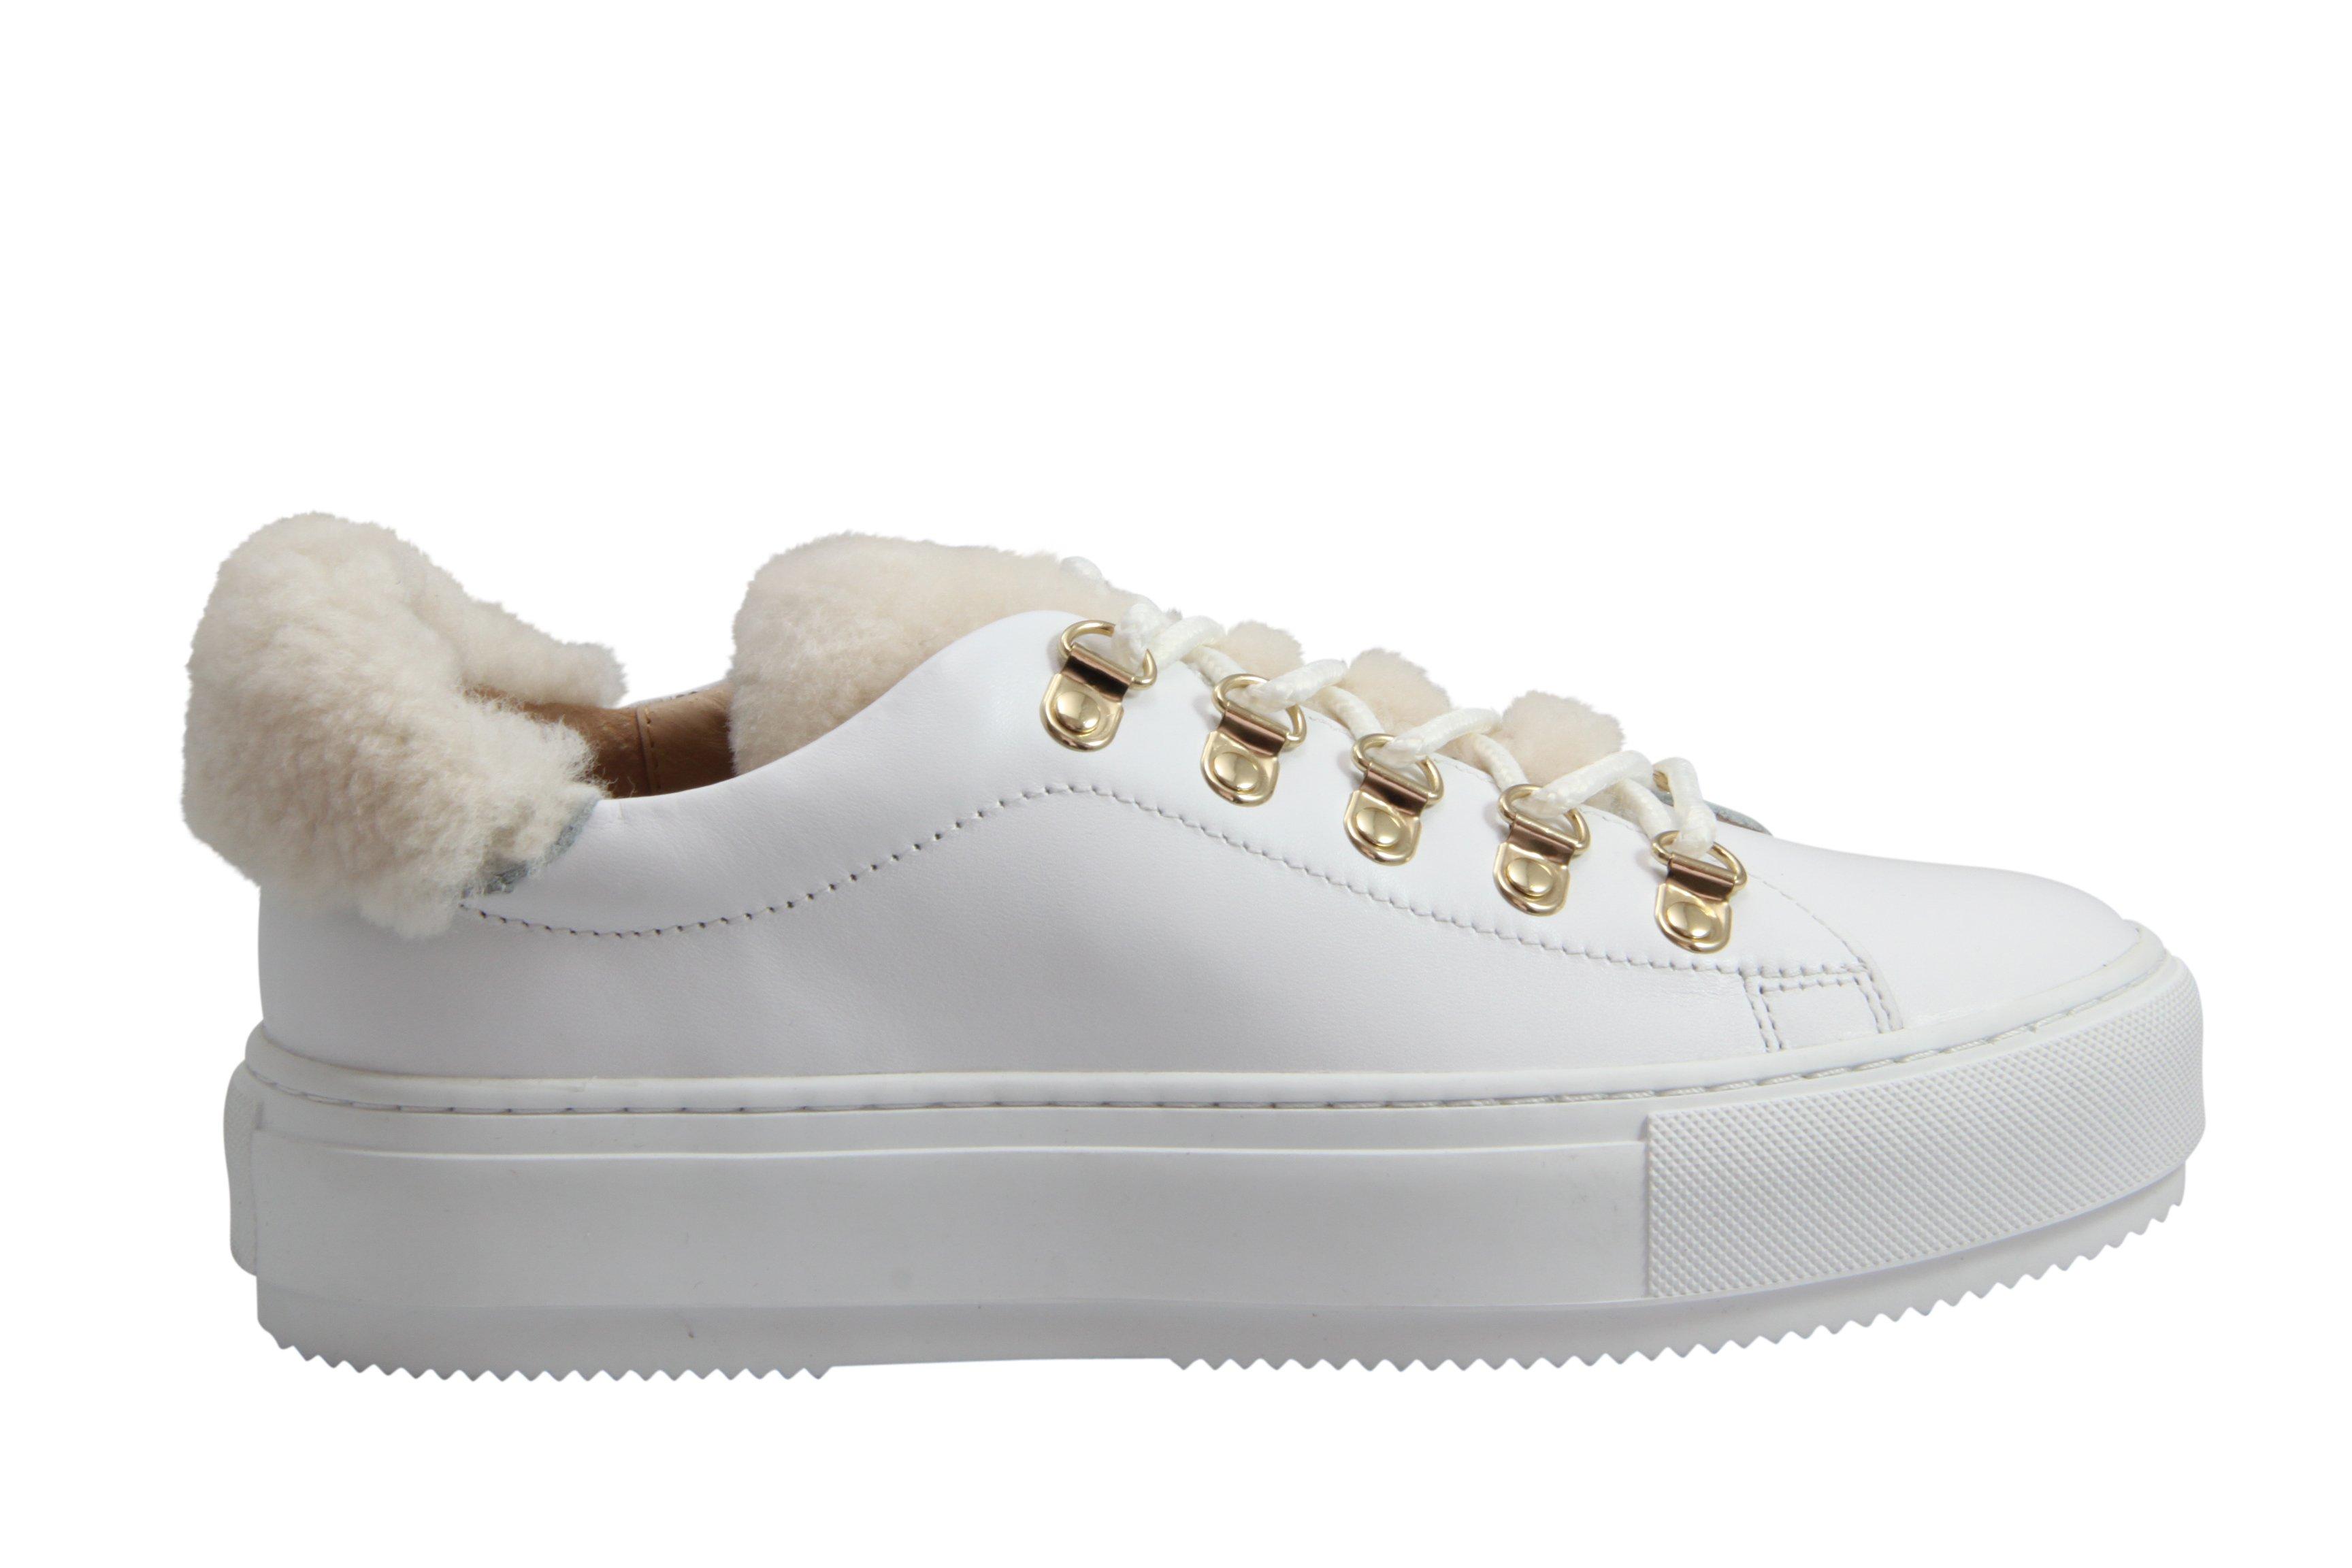 Fia hvit sko med pels